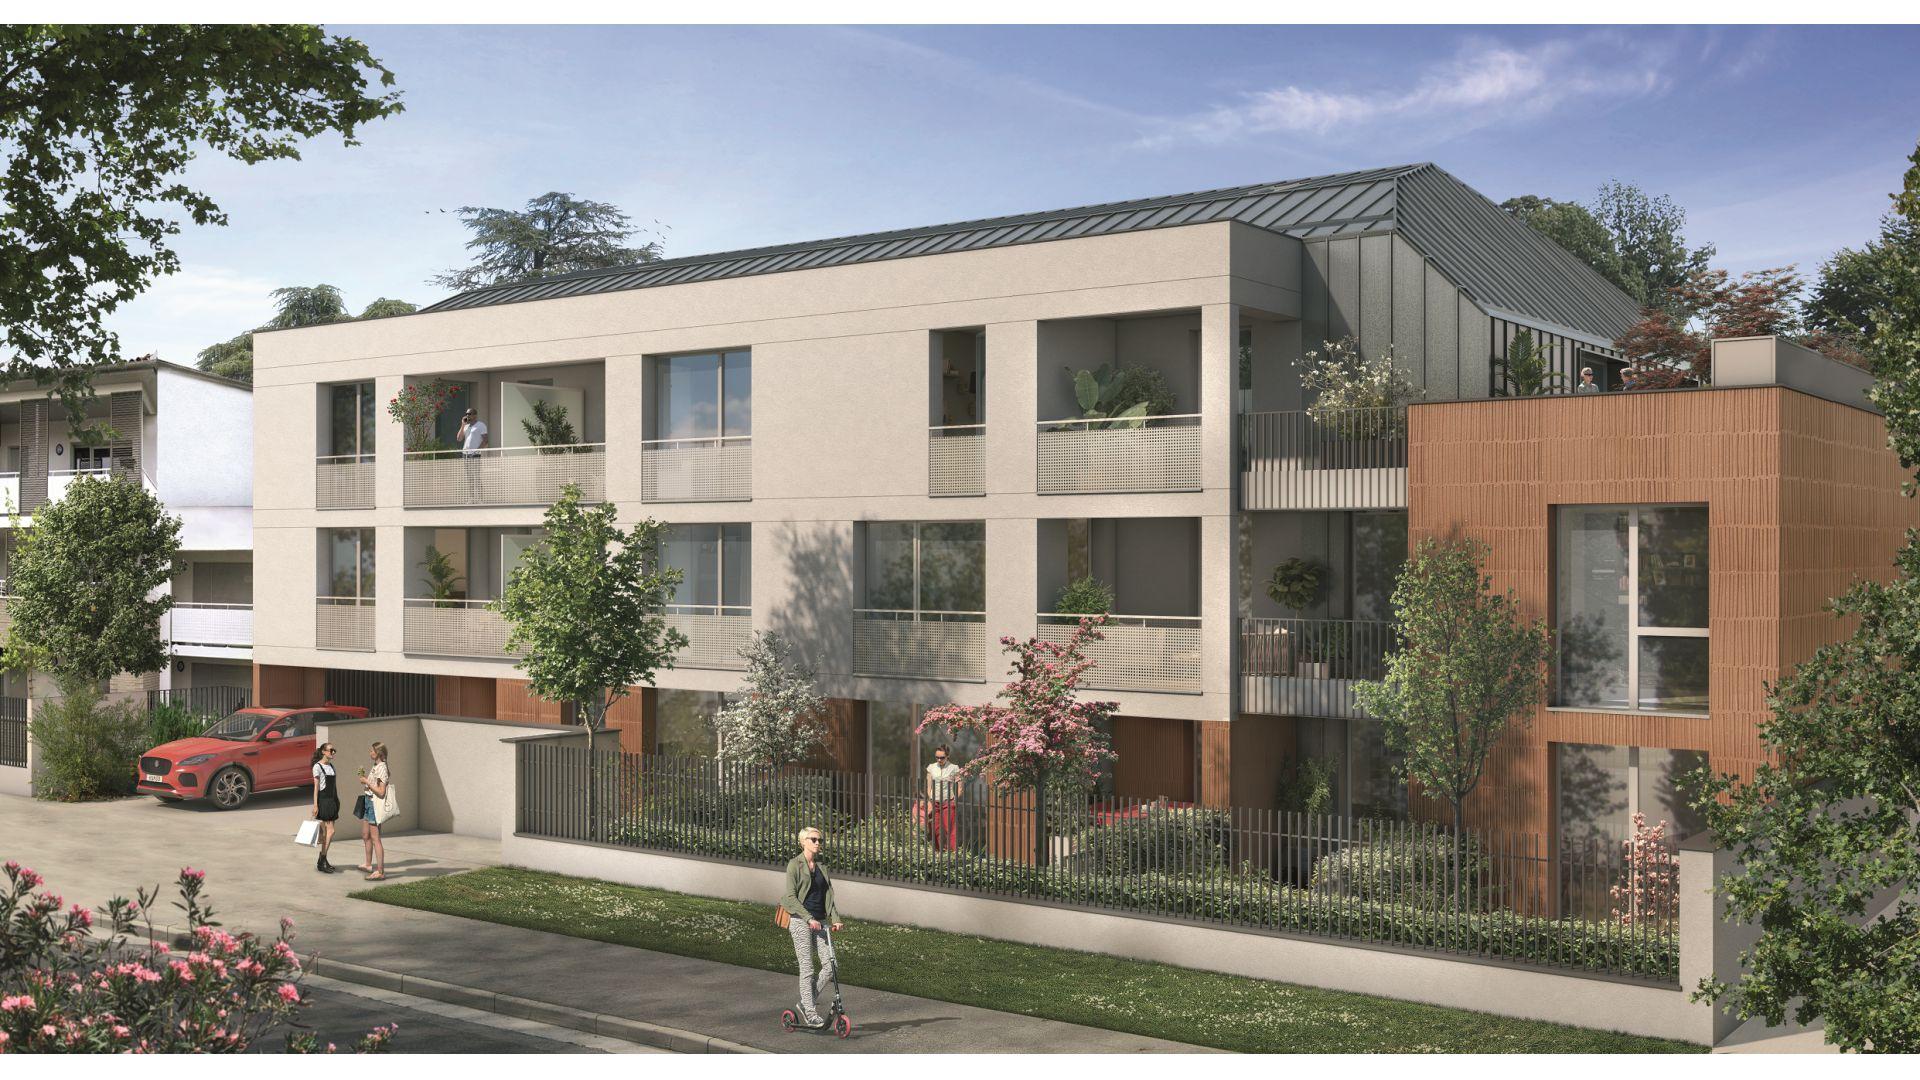 Greencity Immobilier - Résidence Les Camélias - Toulouse Croix Daurade 31200 - à vendre appartements - immobilier neuf du T2 au T4 Duplex -